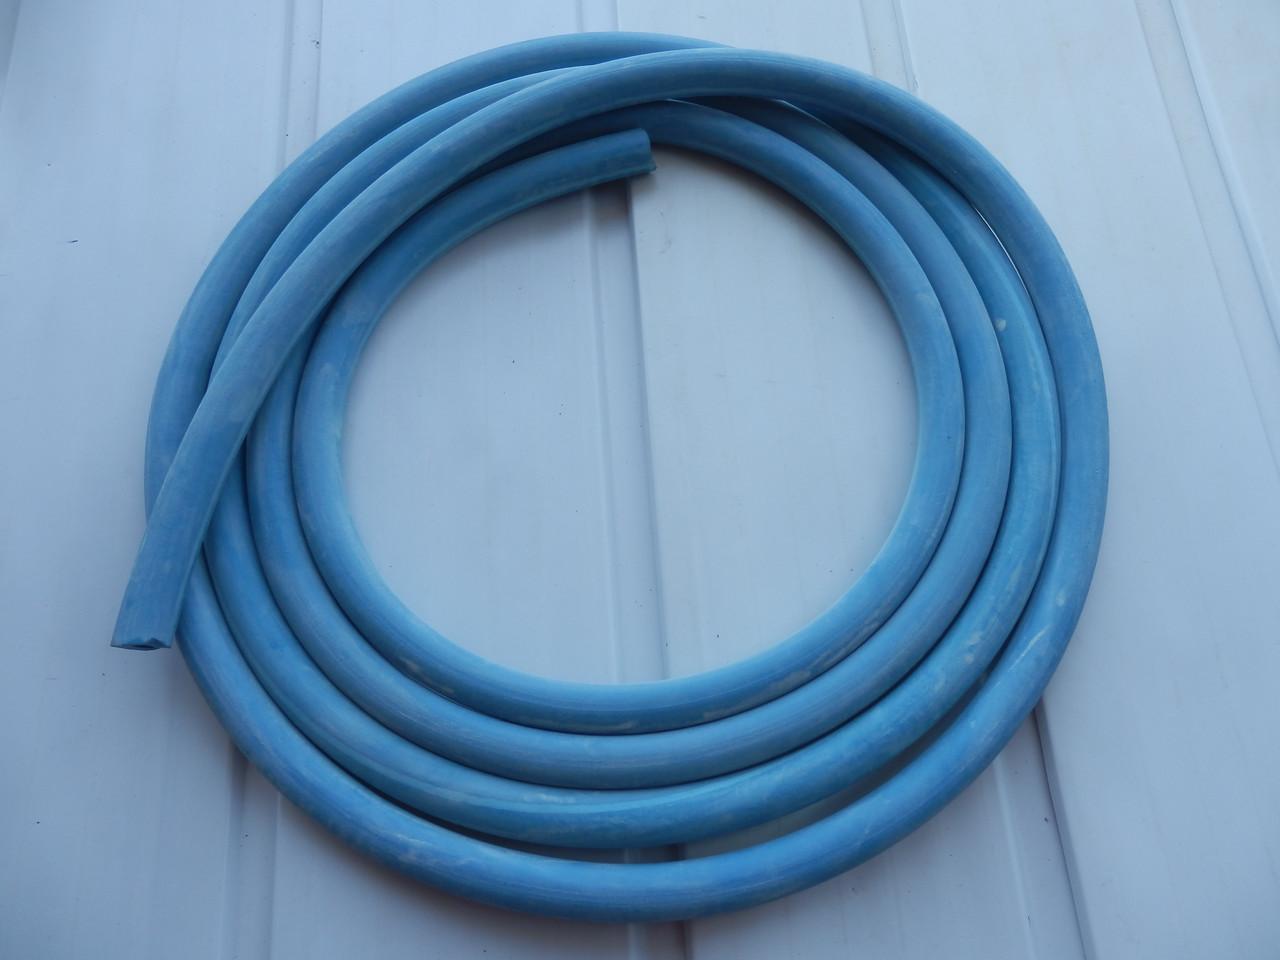 Жгут резиновый спортивный. Диаметр 12 мм.Синий